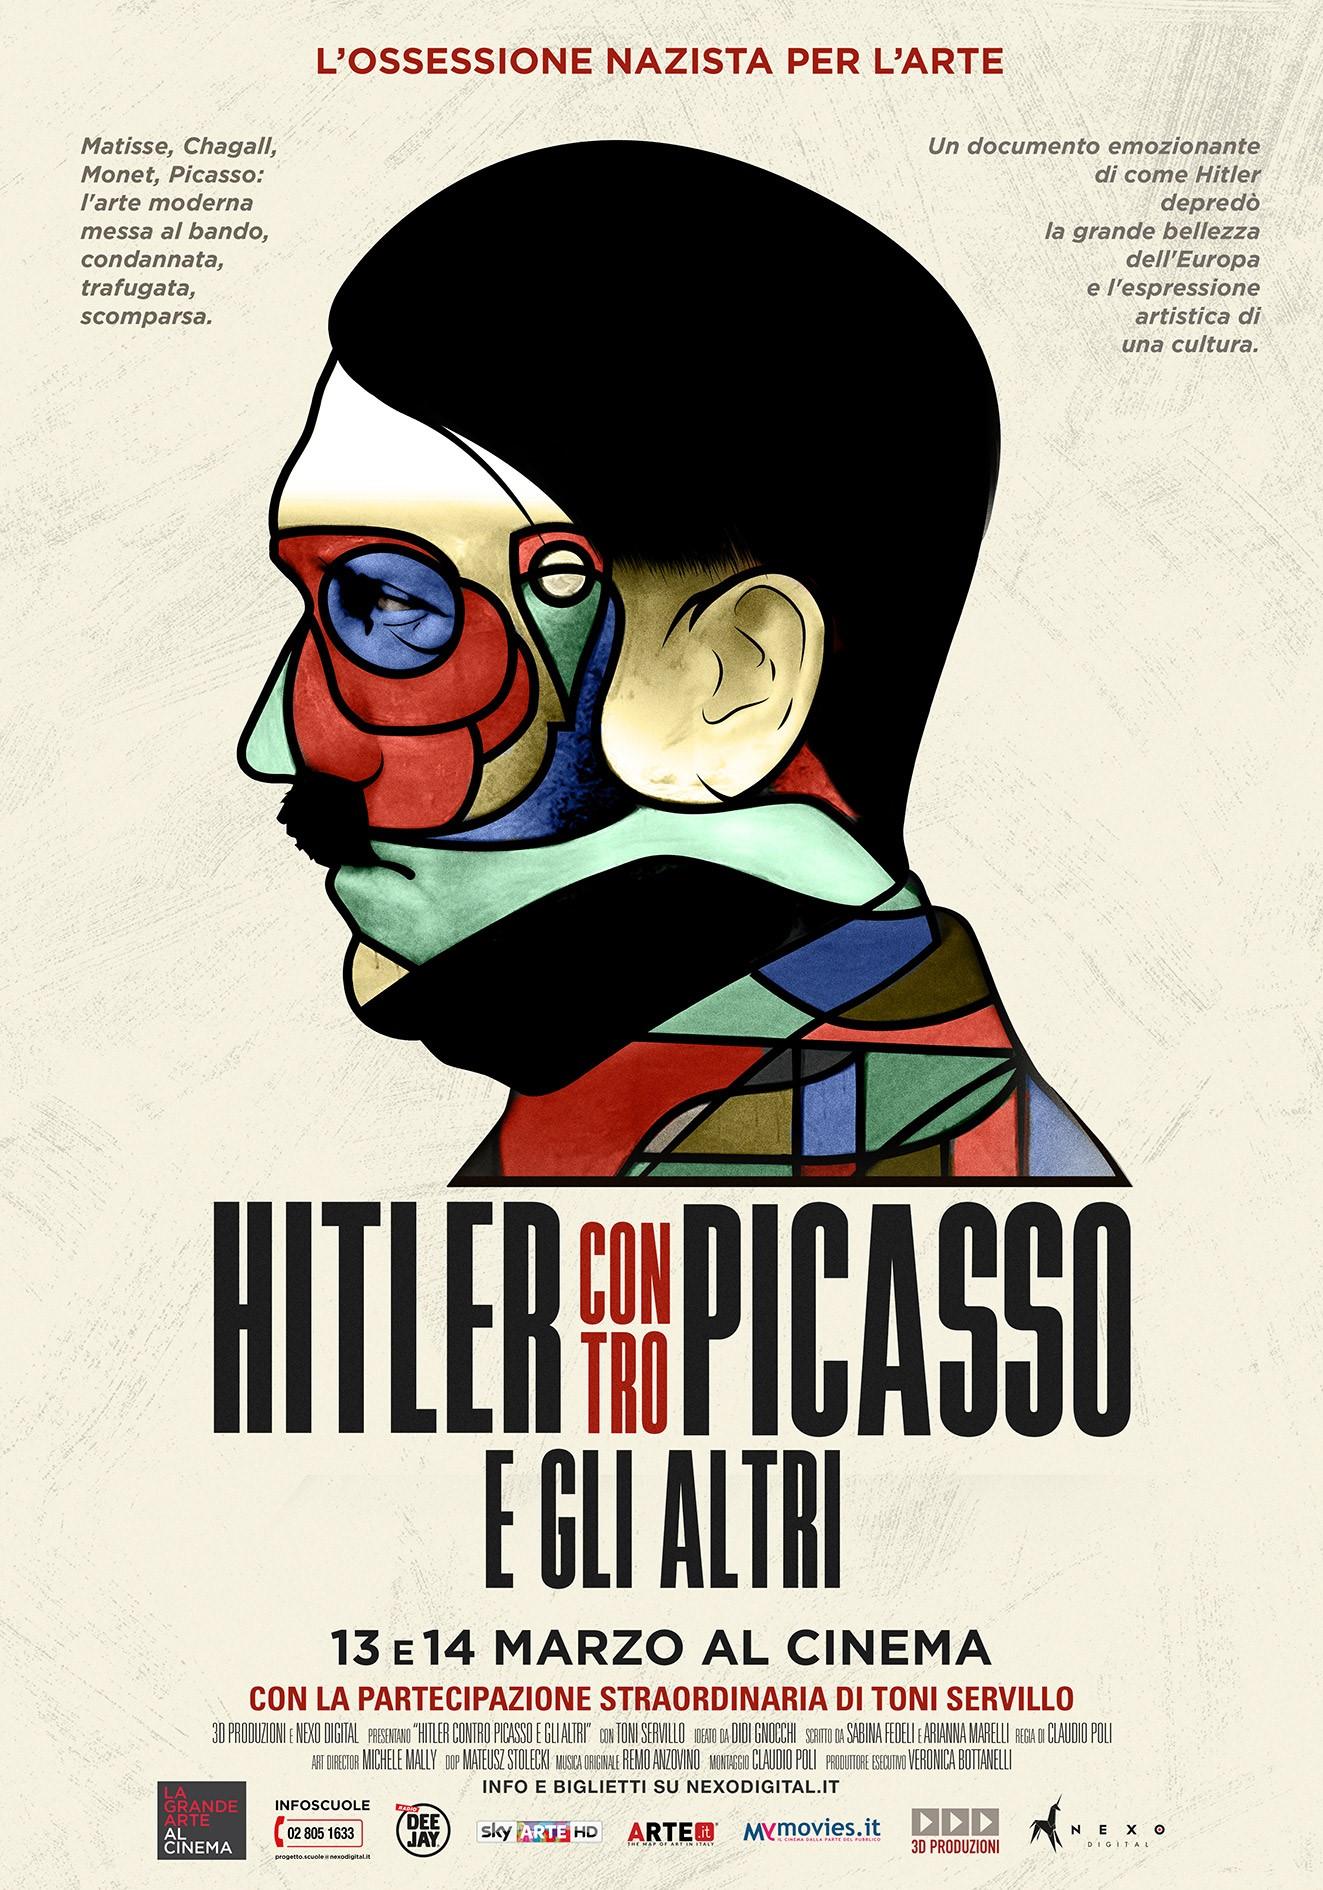 Hitler contro Picasso e gli altri: l'ossessione nazista per l'arte